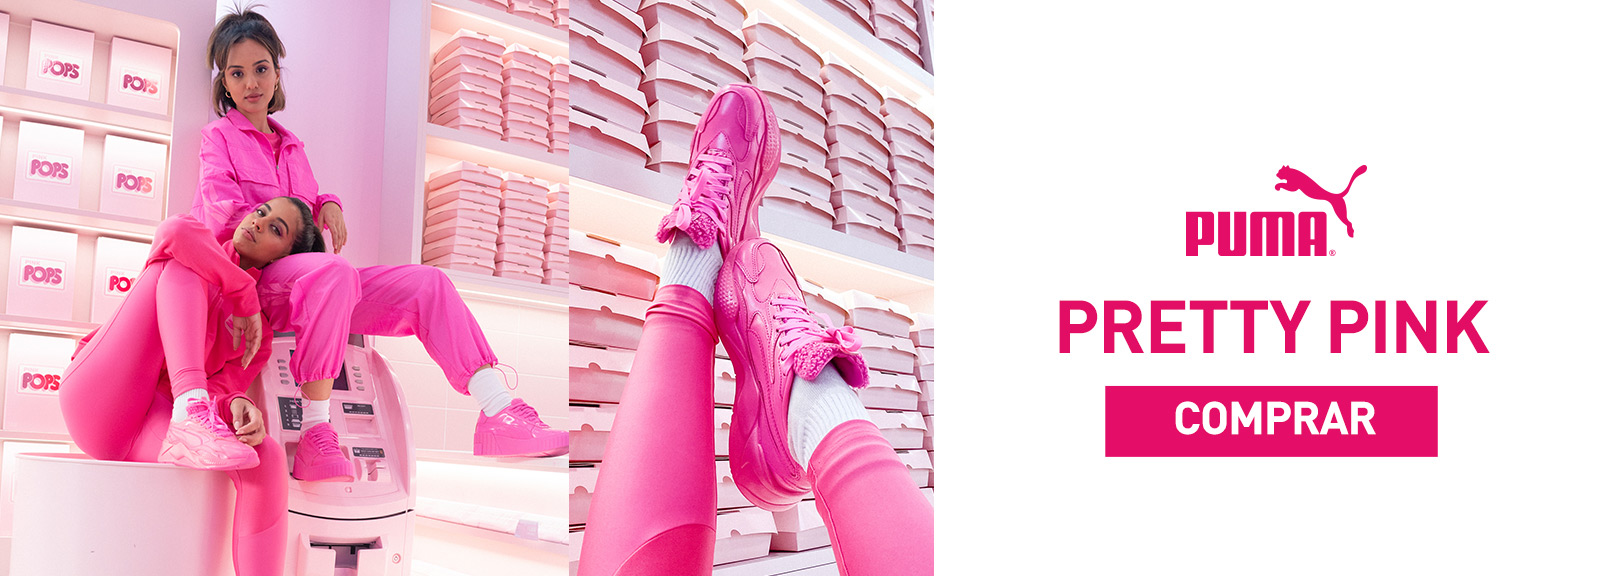 Puma Pretty Pink